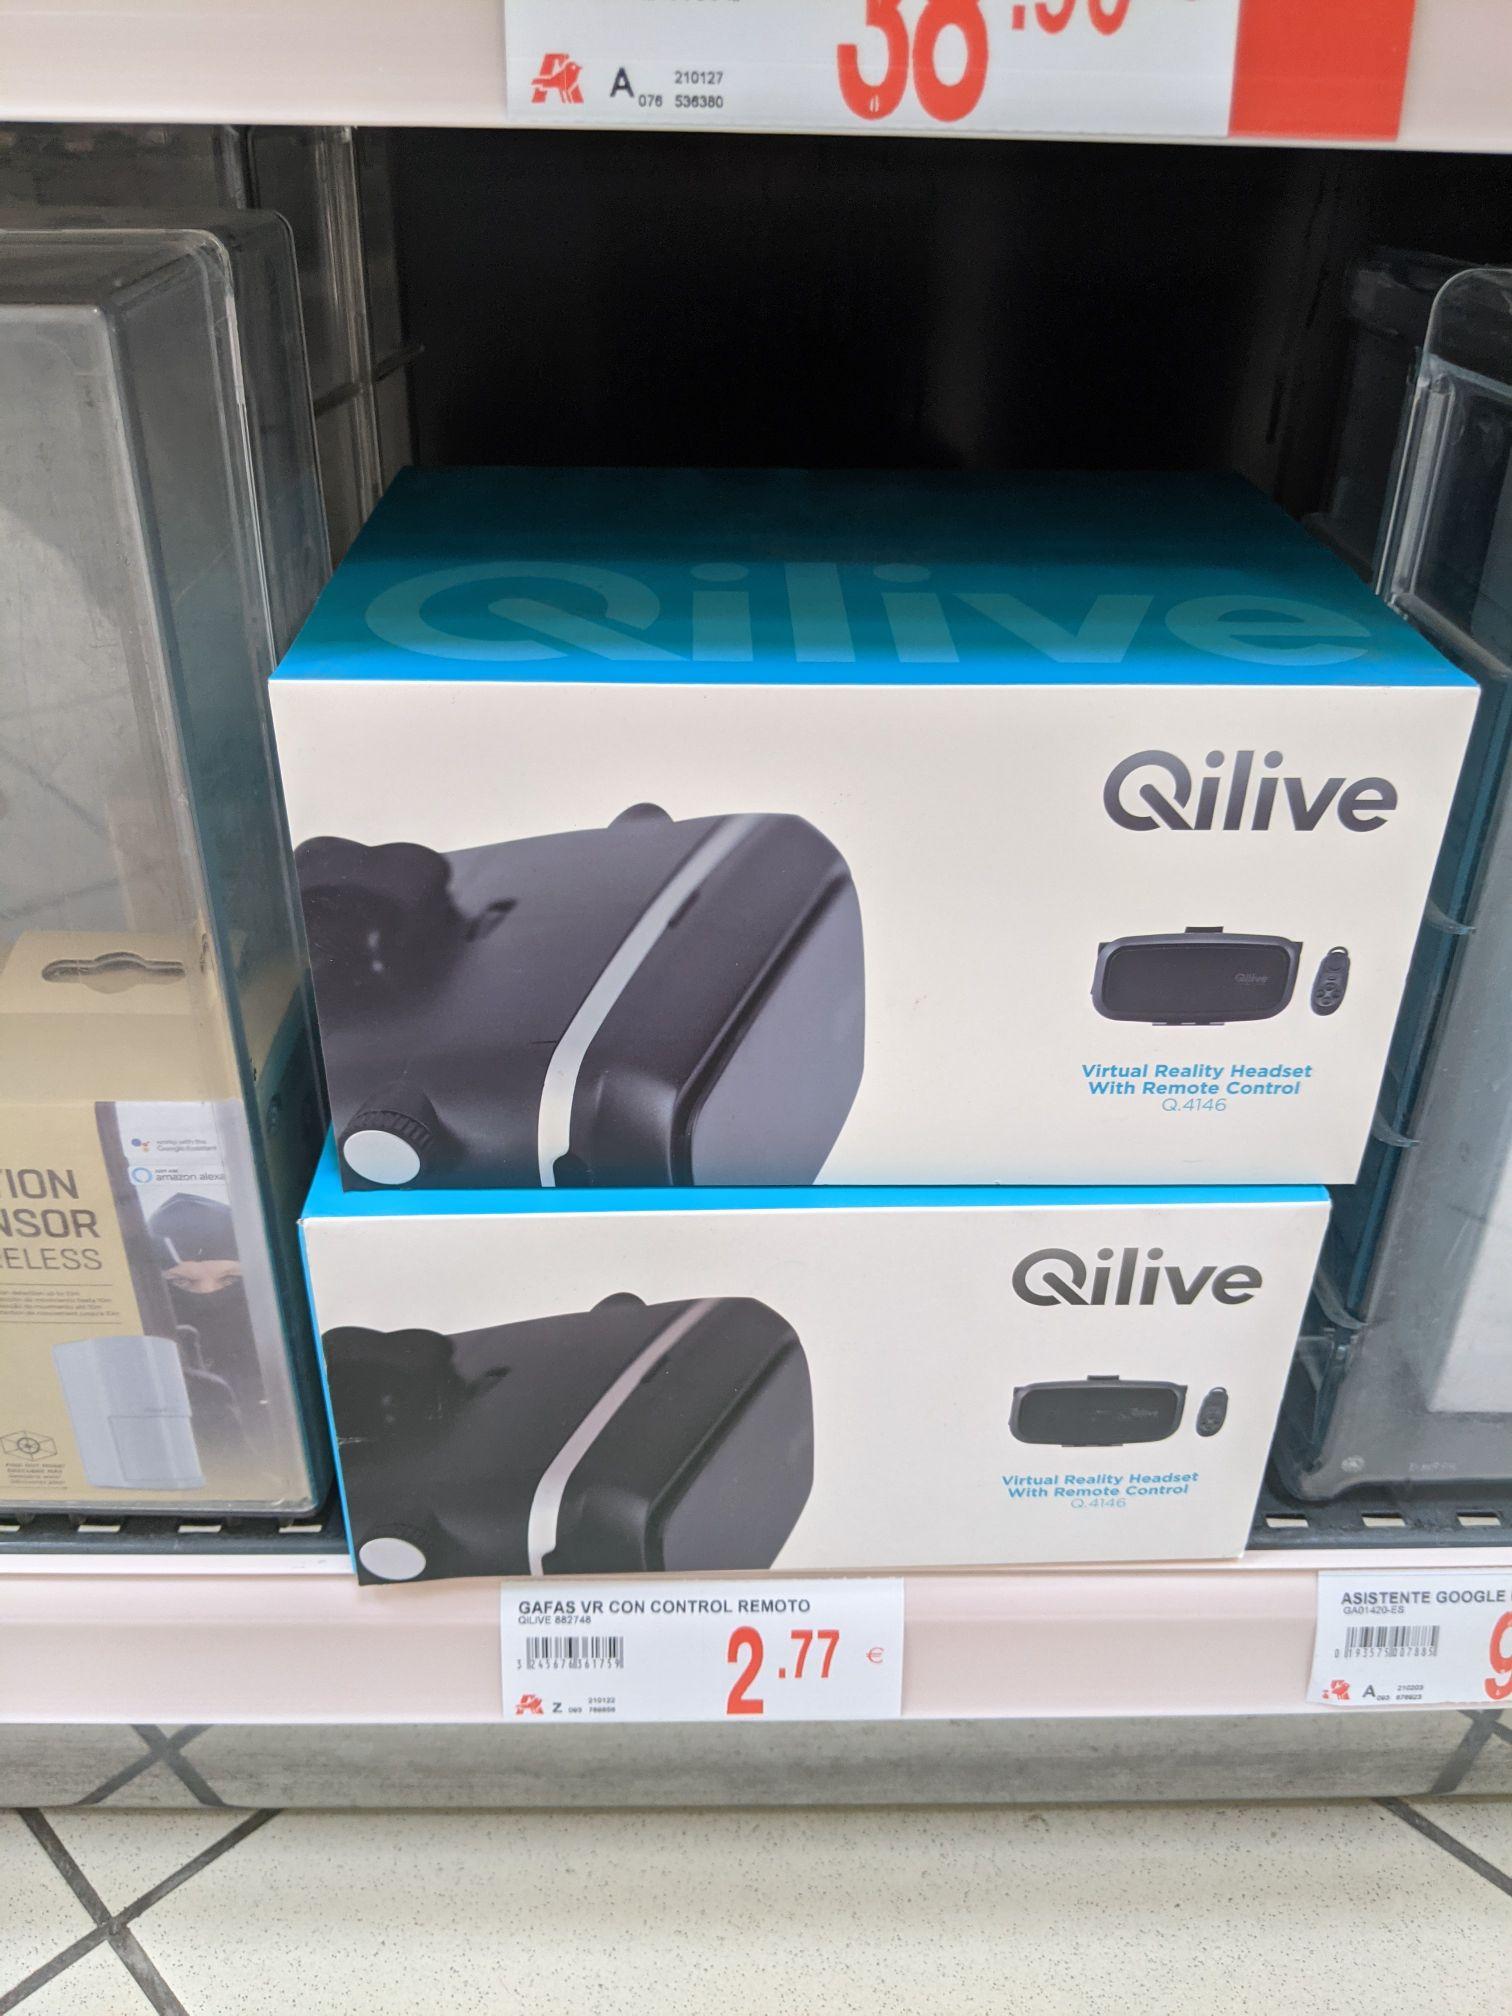 Gafas VR Qilive + mando bluetooth en Alcampo Aldaia